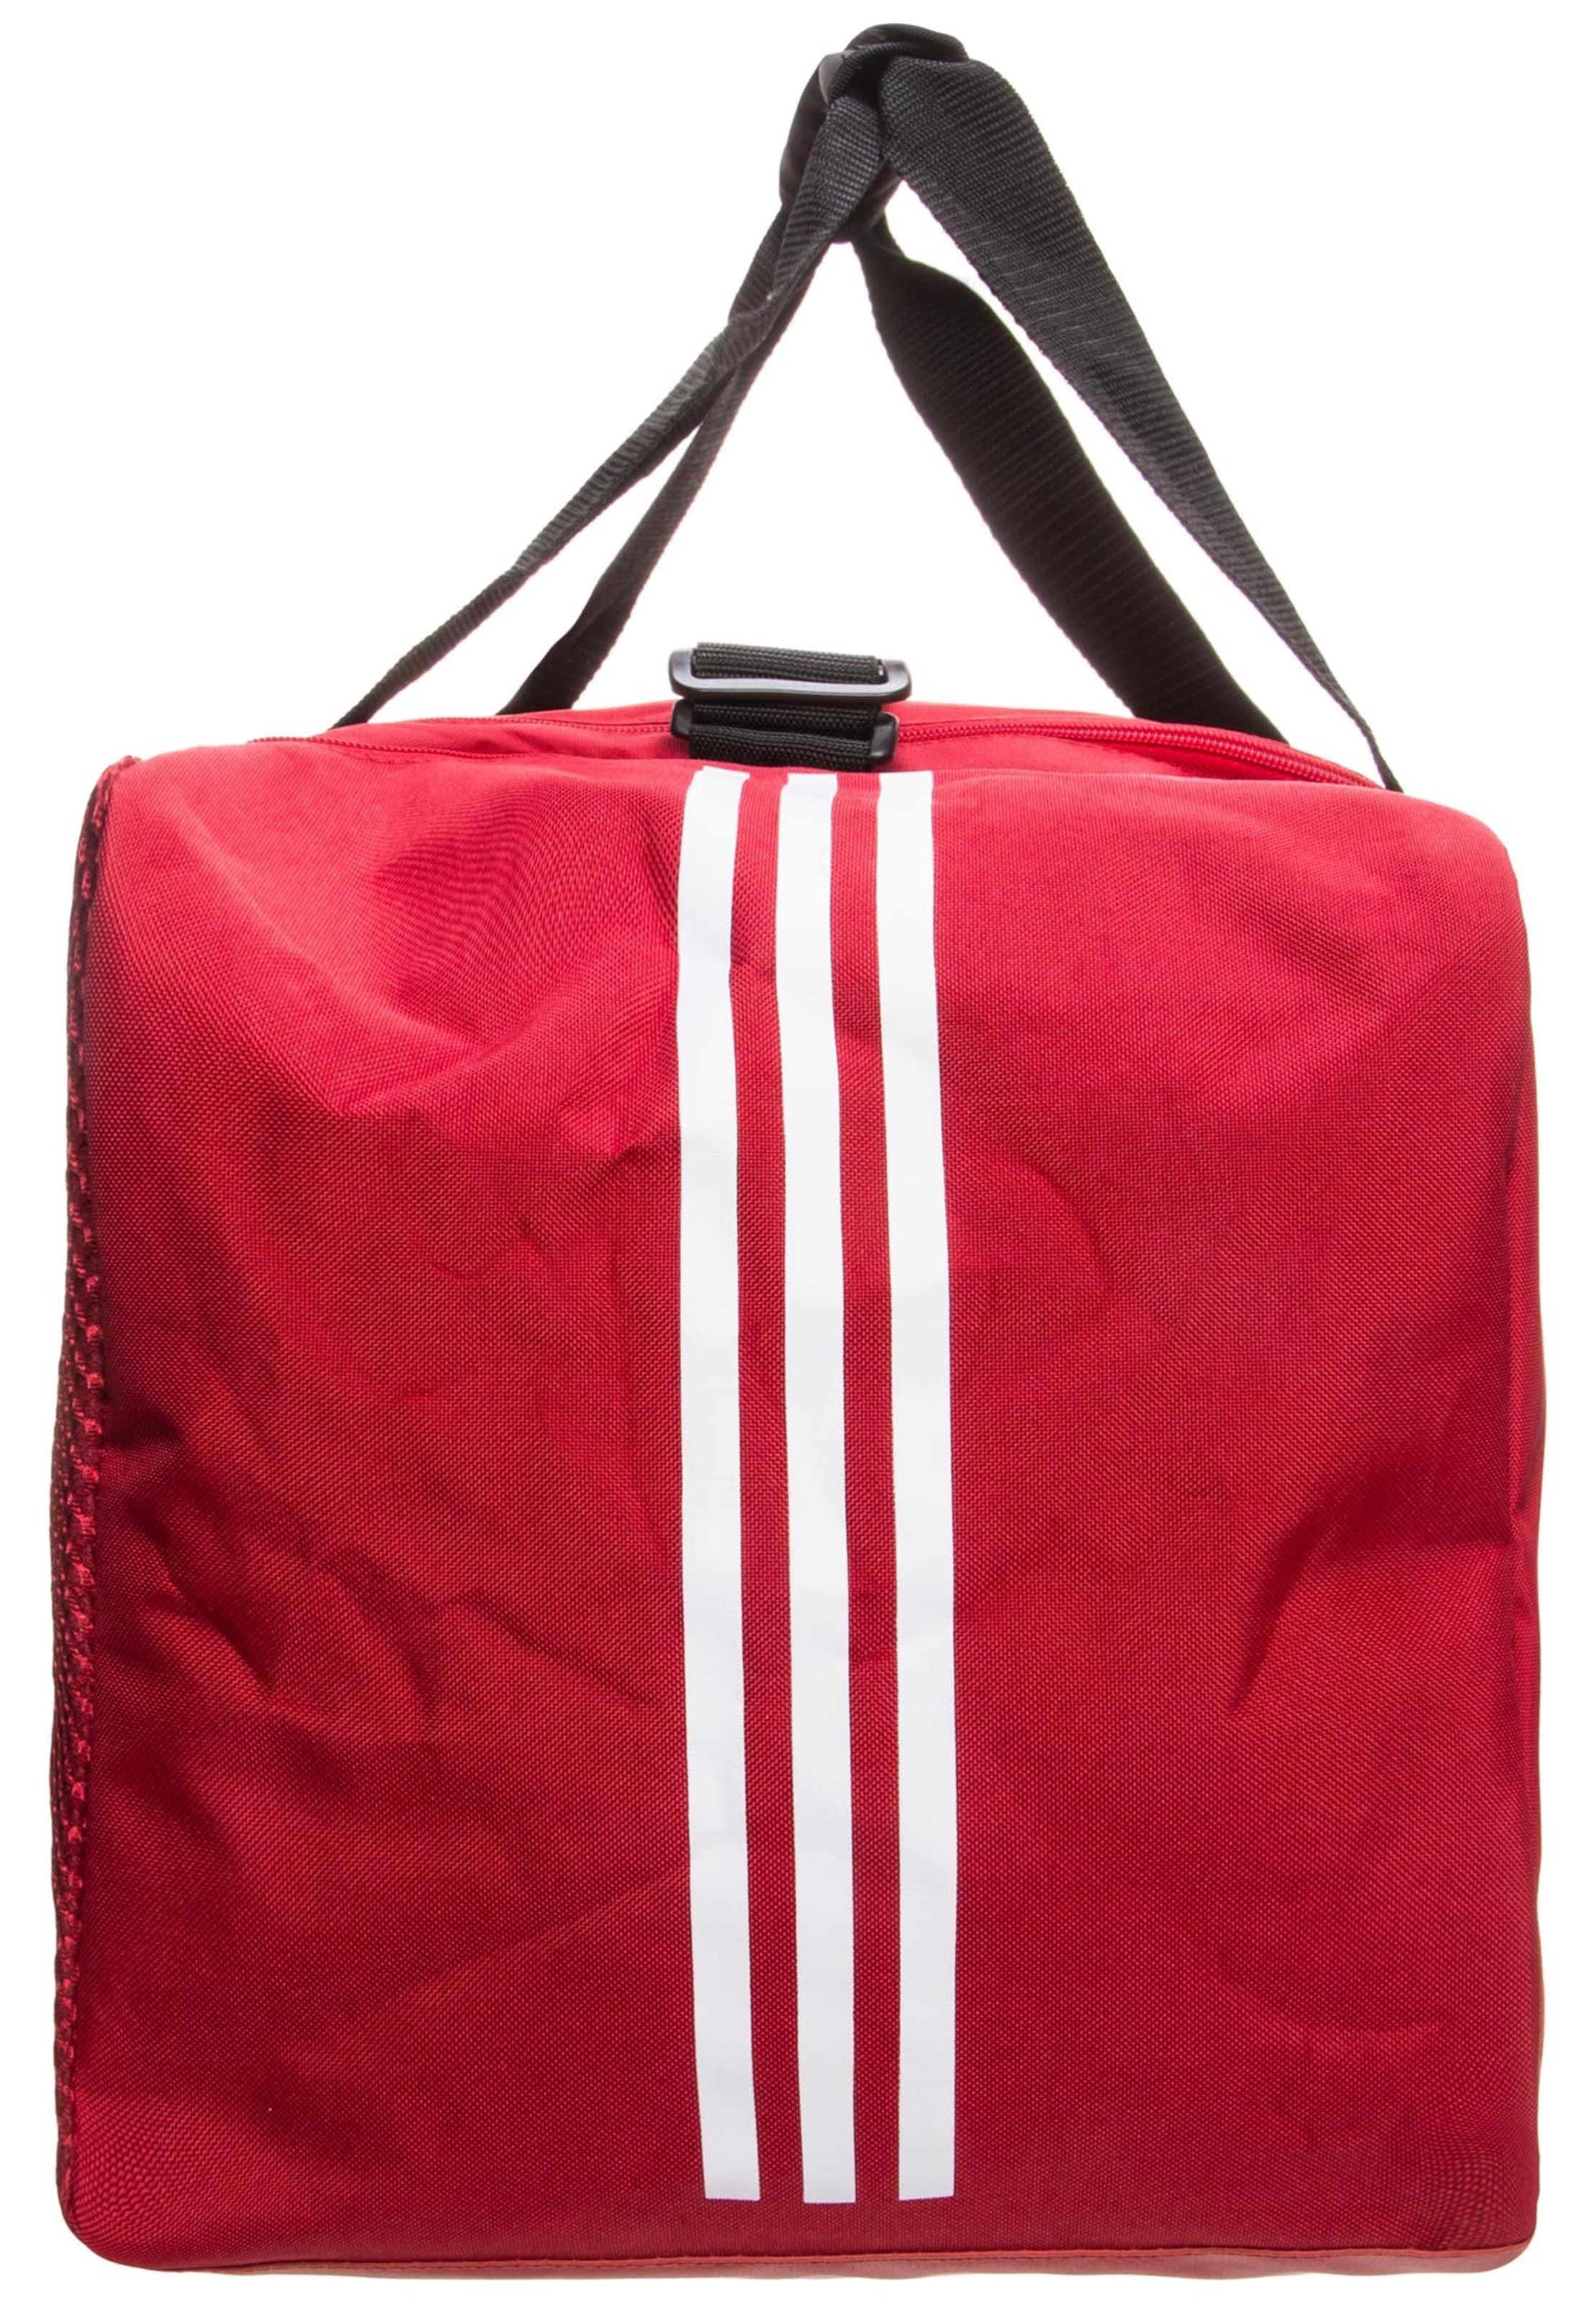 'tiro Duffel Performance Fußballtasche Medium' Weiß In Adidas RotSchwarz QrxtdshC